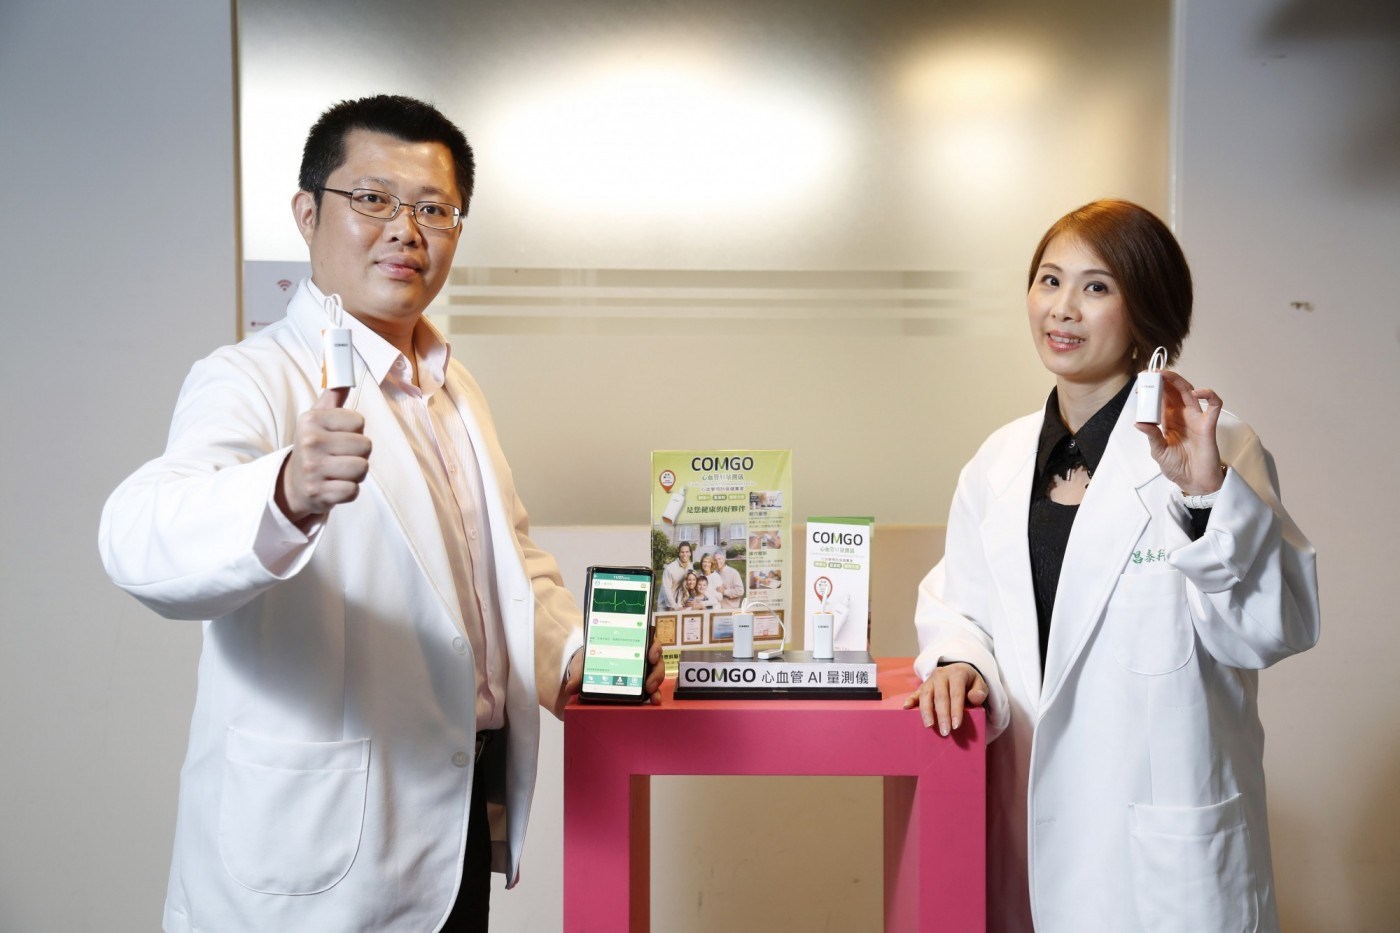 以預防醫療為使命:昌泰科醫打造全世界最迷你的心血管AI量測儀